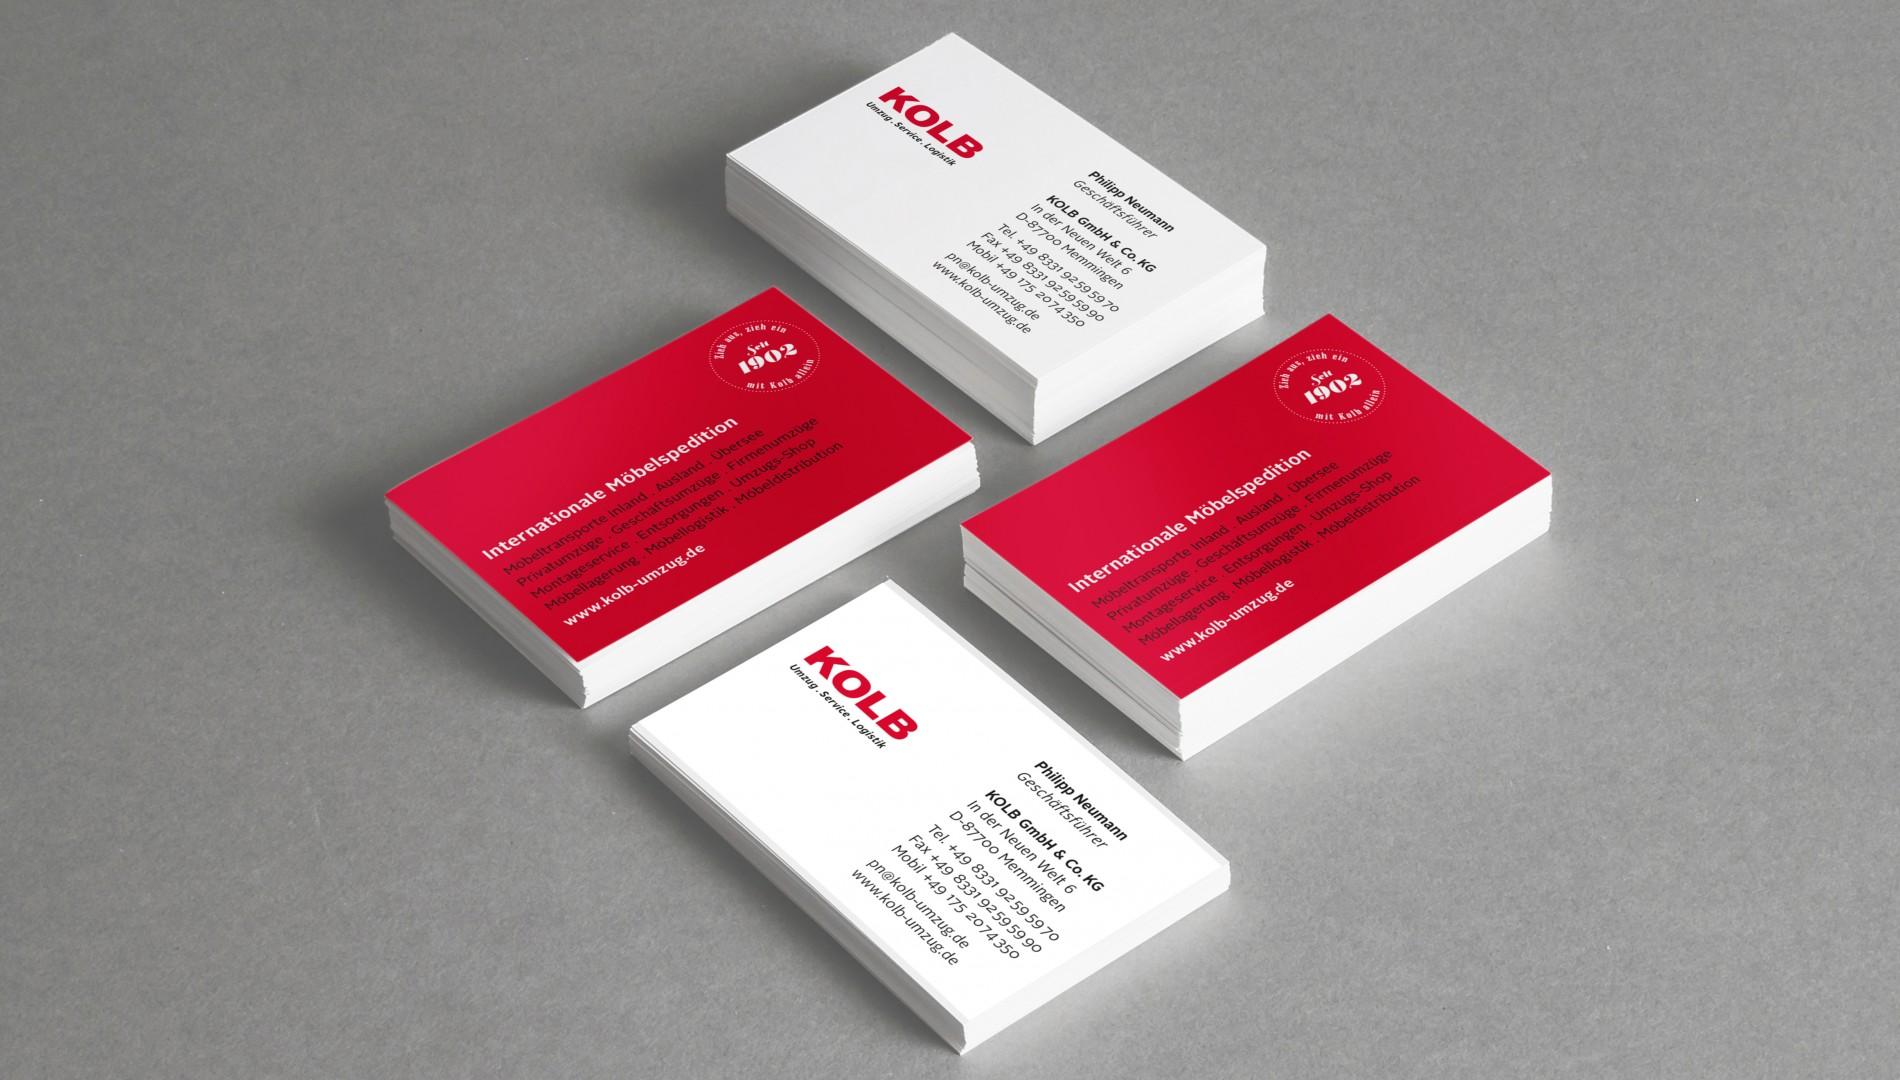 Corporate Design und Geschäftsausstattung für KOLB Umzug . Service . Logistik aus Memmingen von der Designagentur das formt aus München